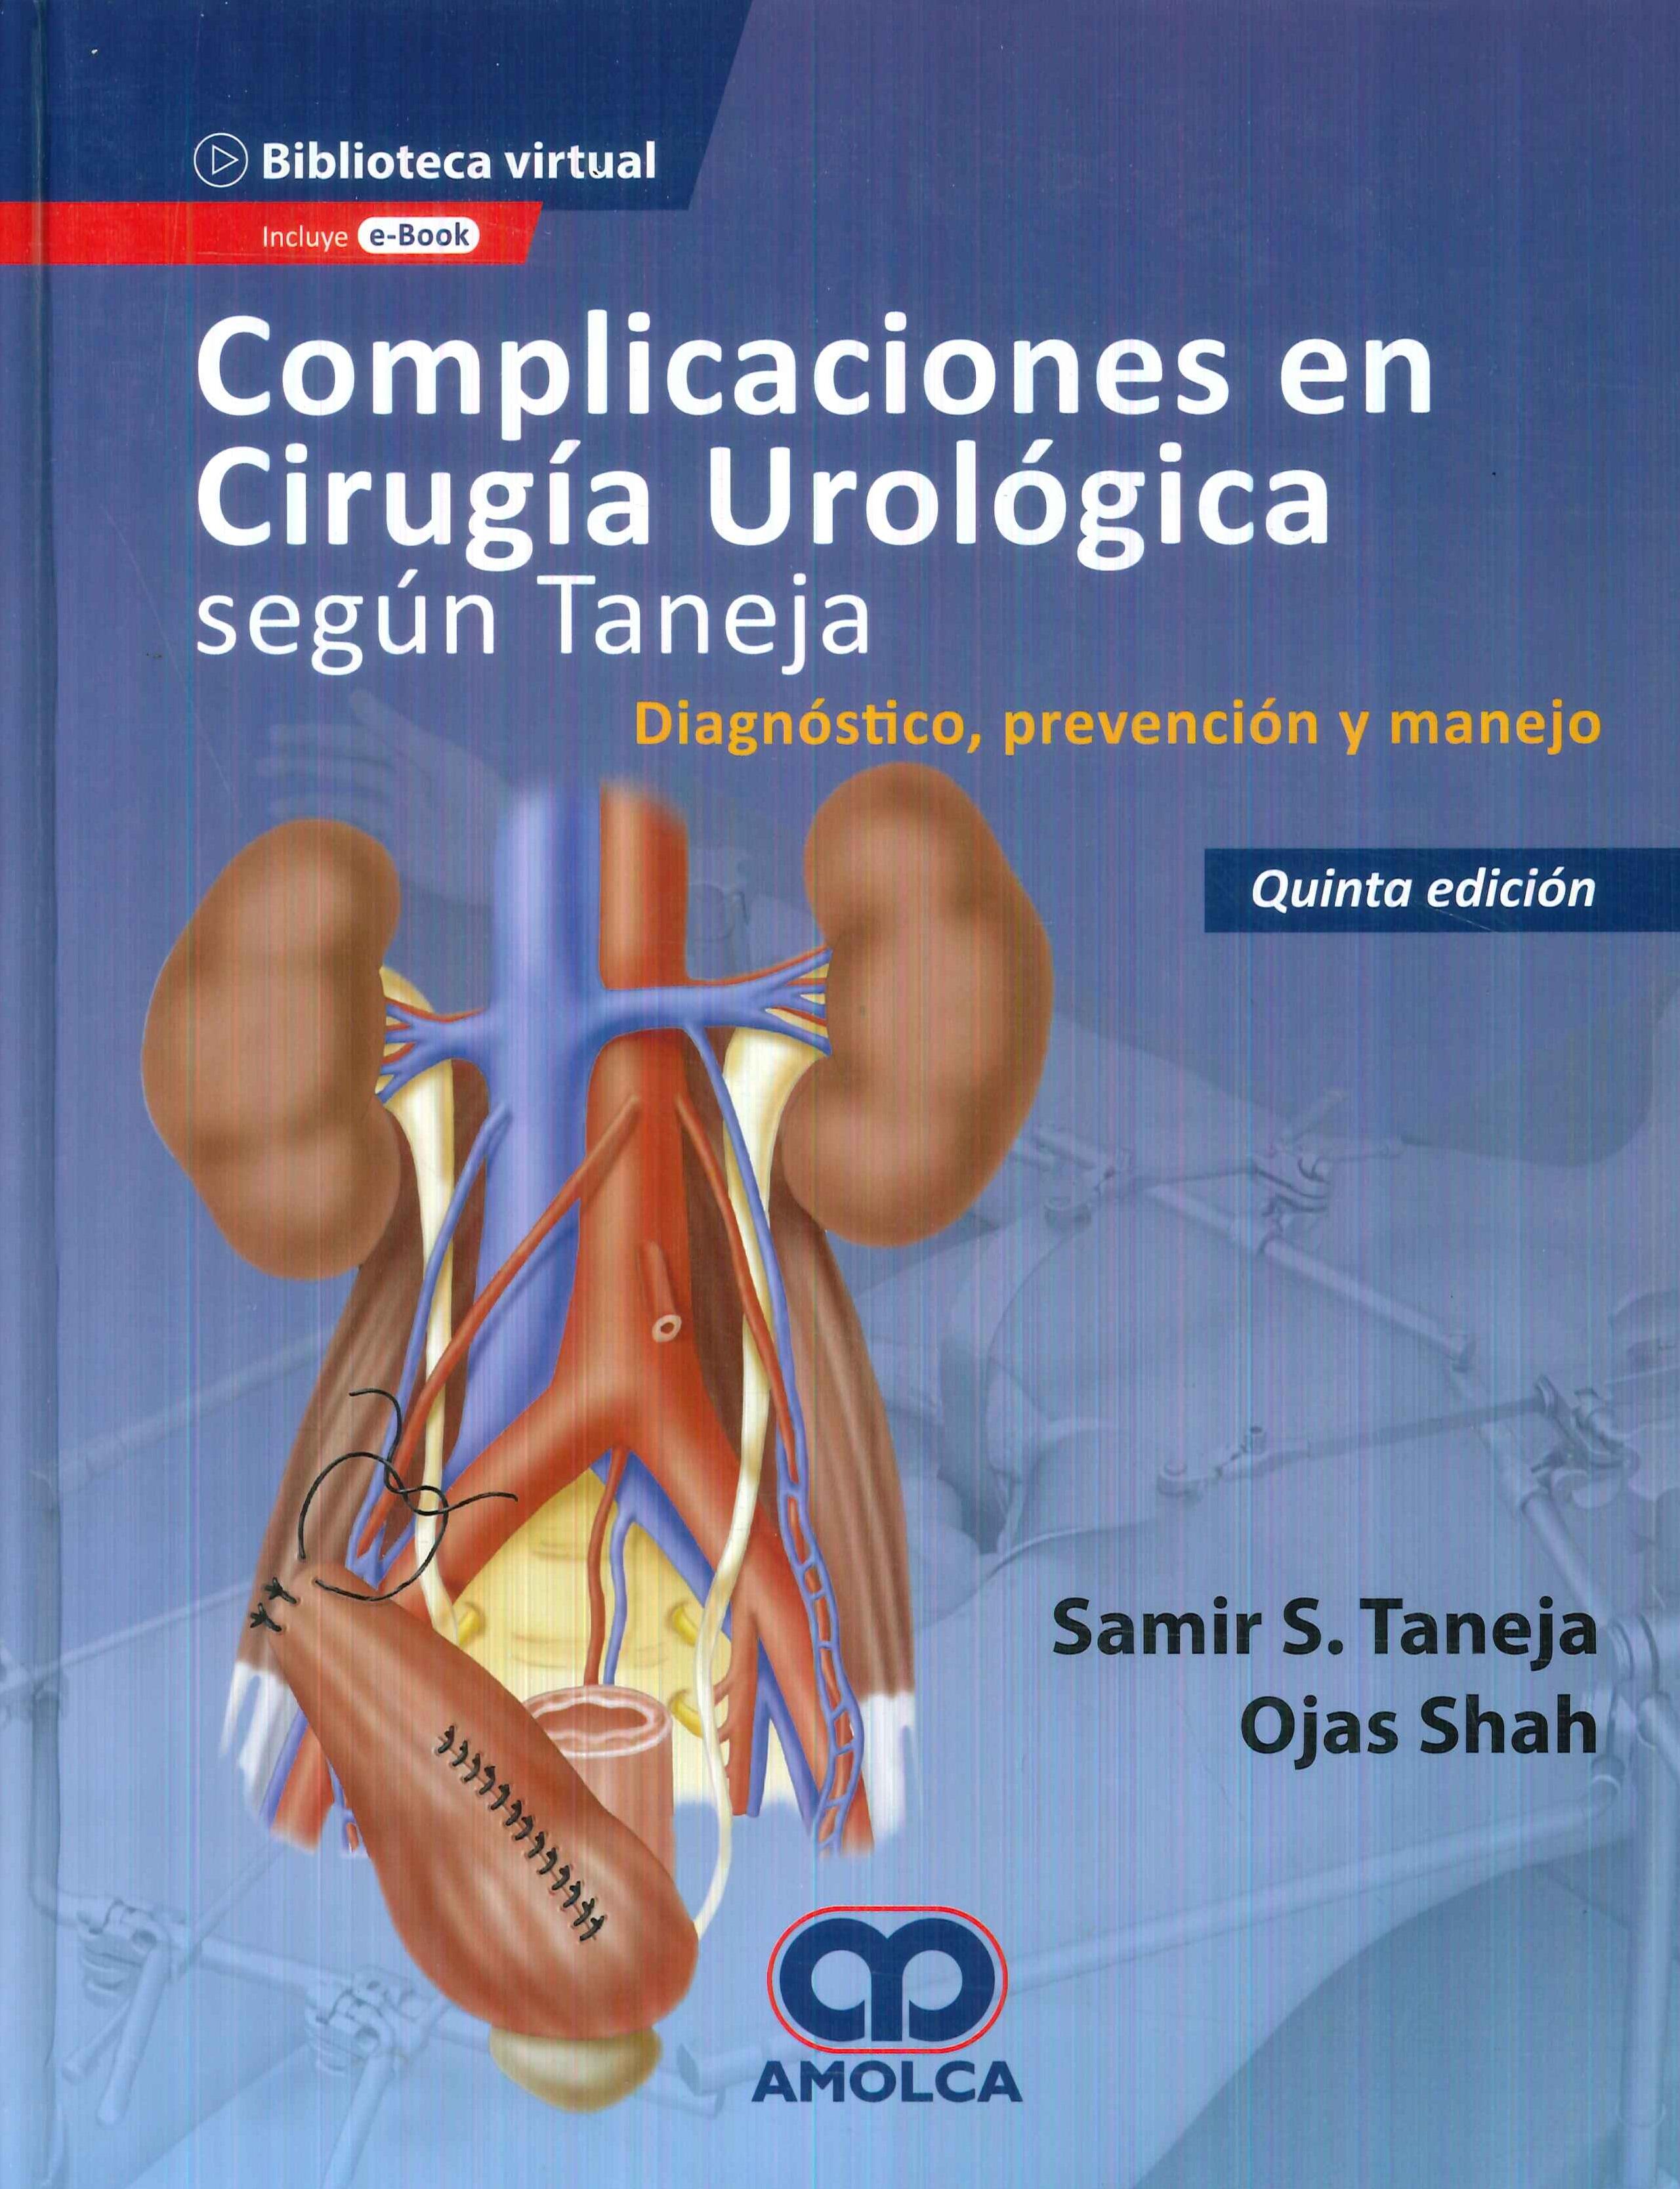 Complicaciones en Cirugía Urológica según Taneja